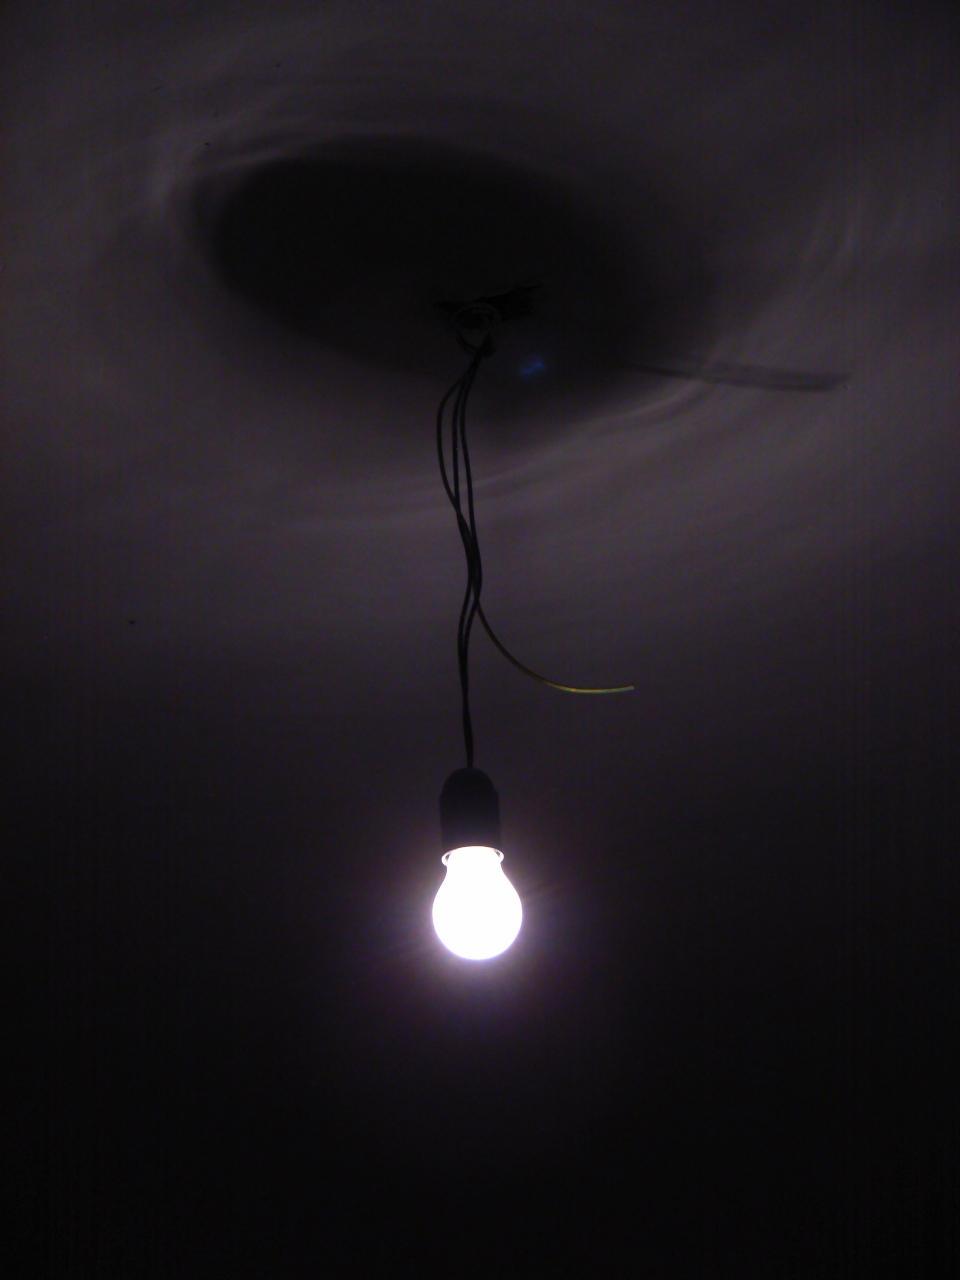 Dark room with light bulb - Light Bulb By D1s4st3r Light Bulb By D1s4st3r